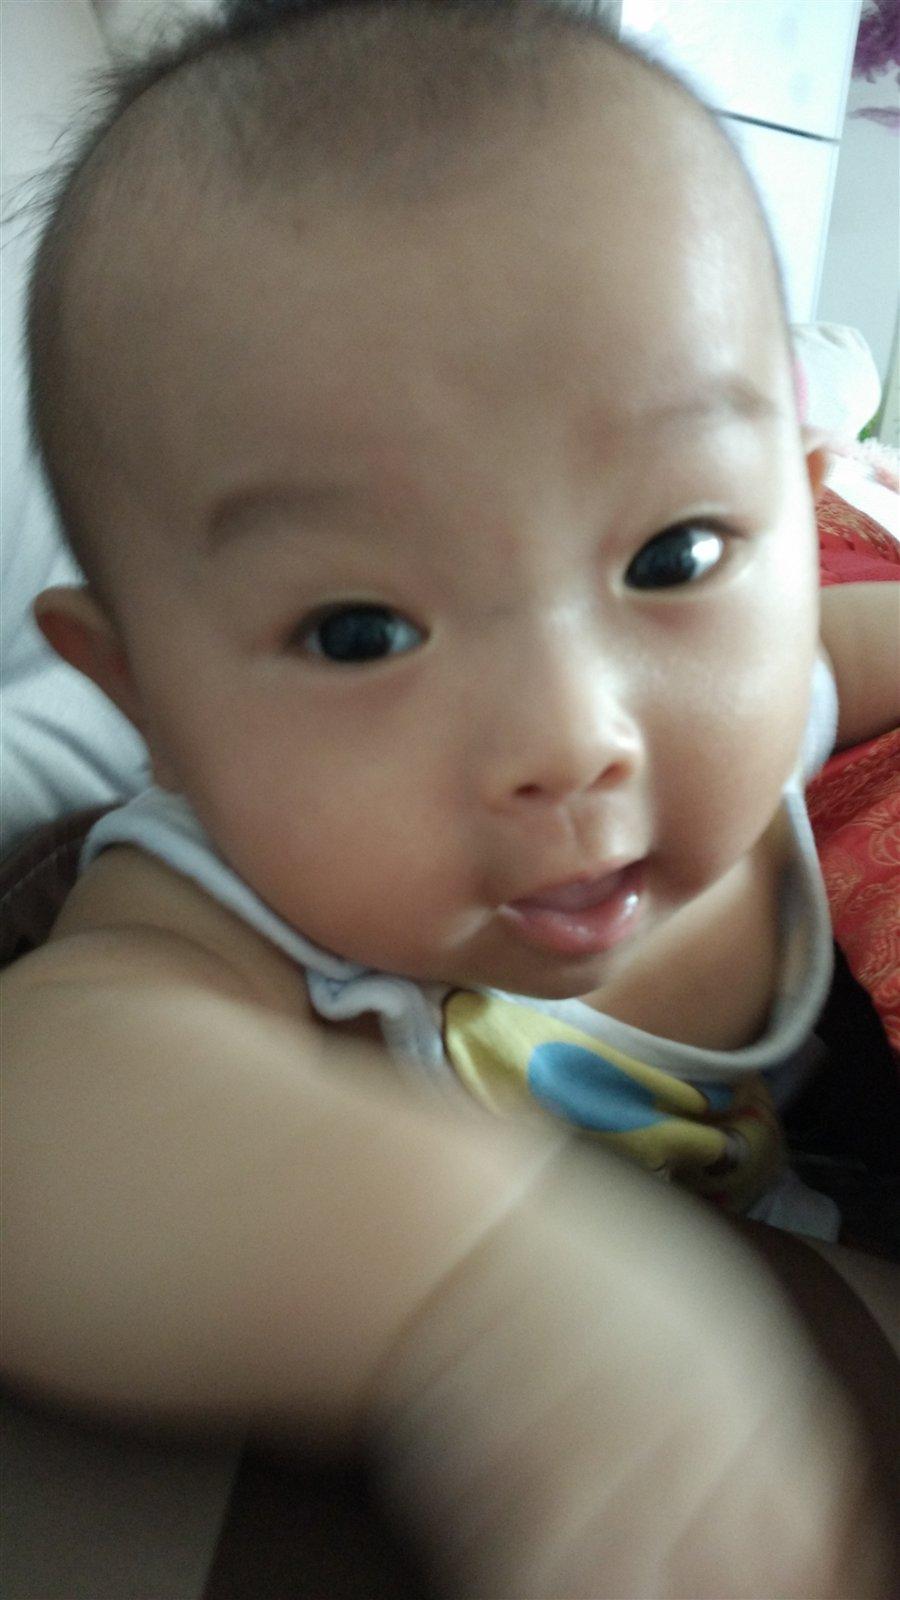 宝宝 壁纸 儿童 孩子 小孩 婴儿 900_1600 竖版 竖屏 手机